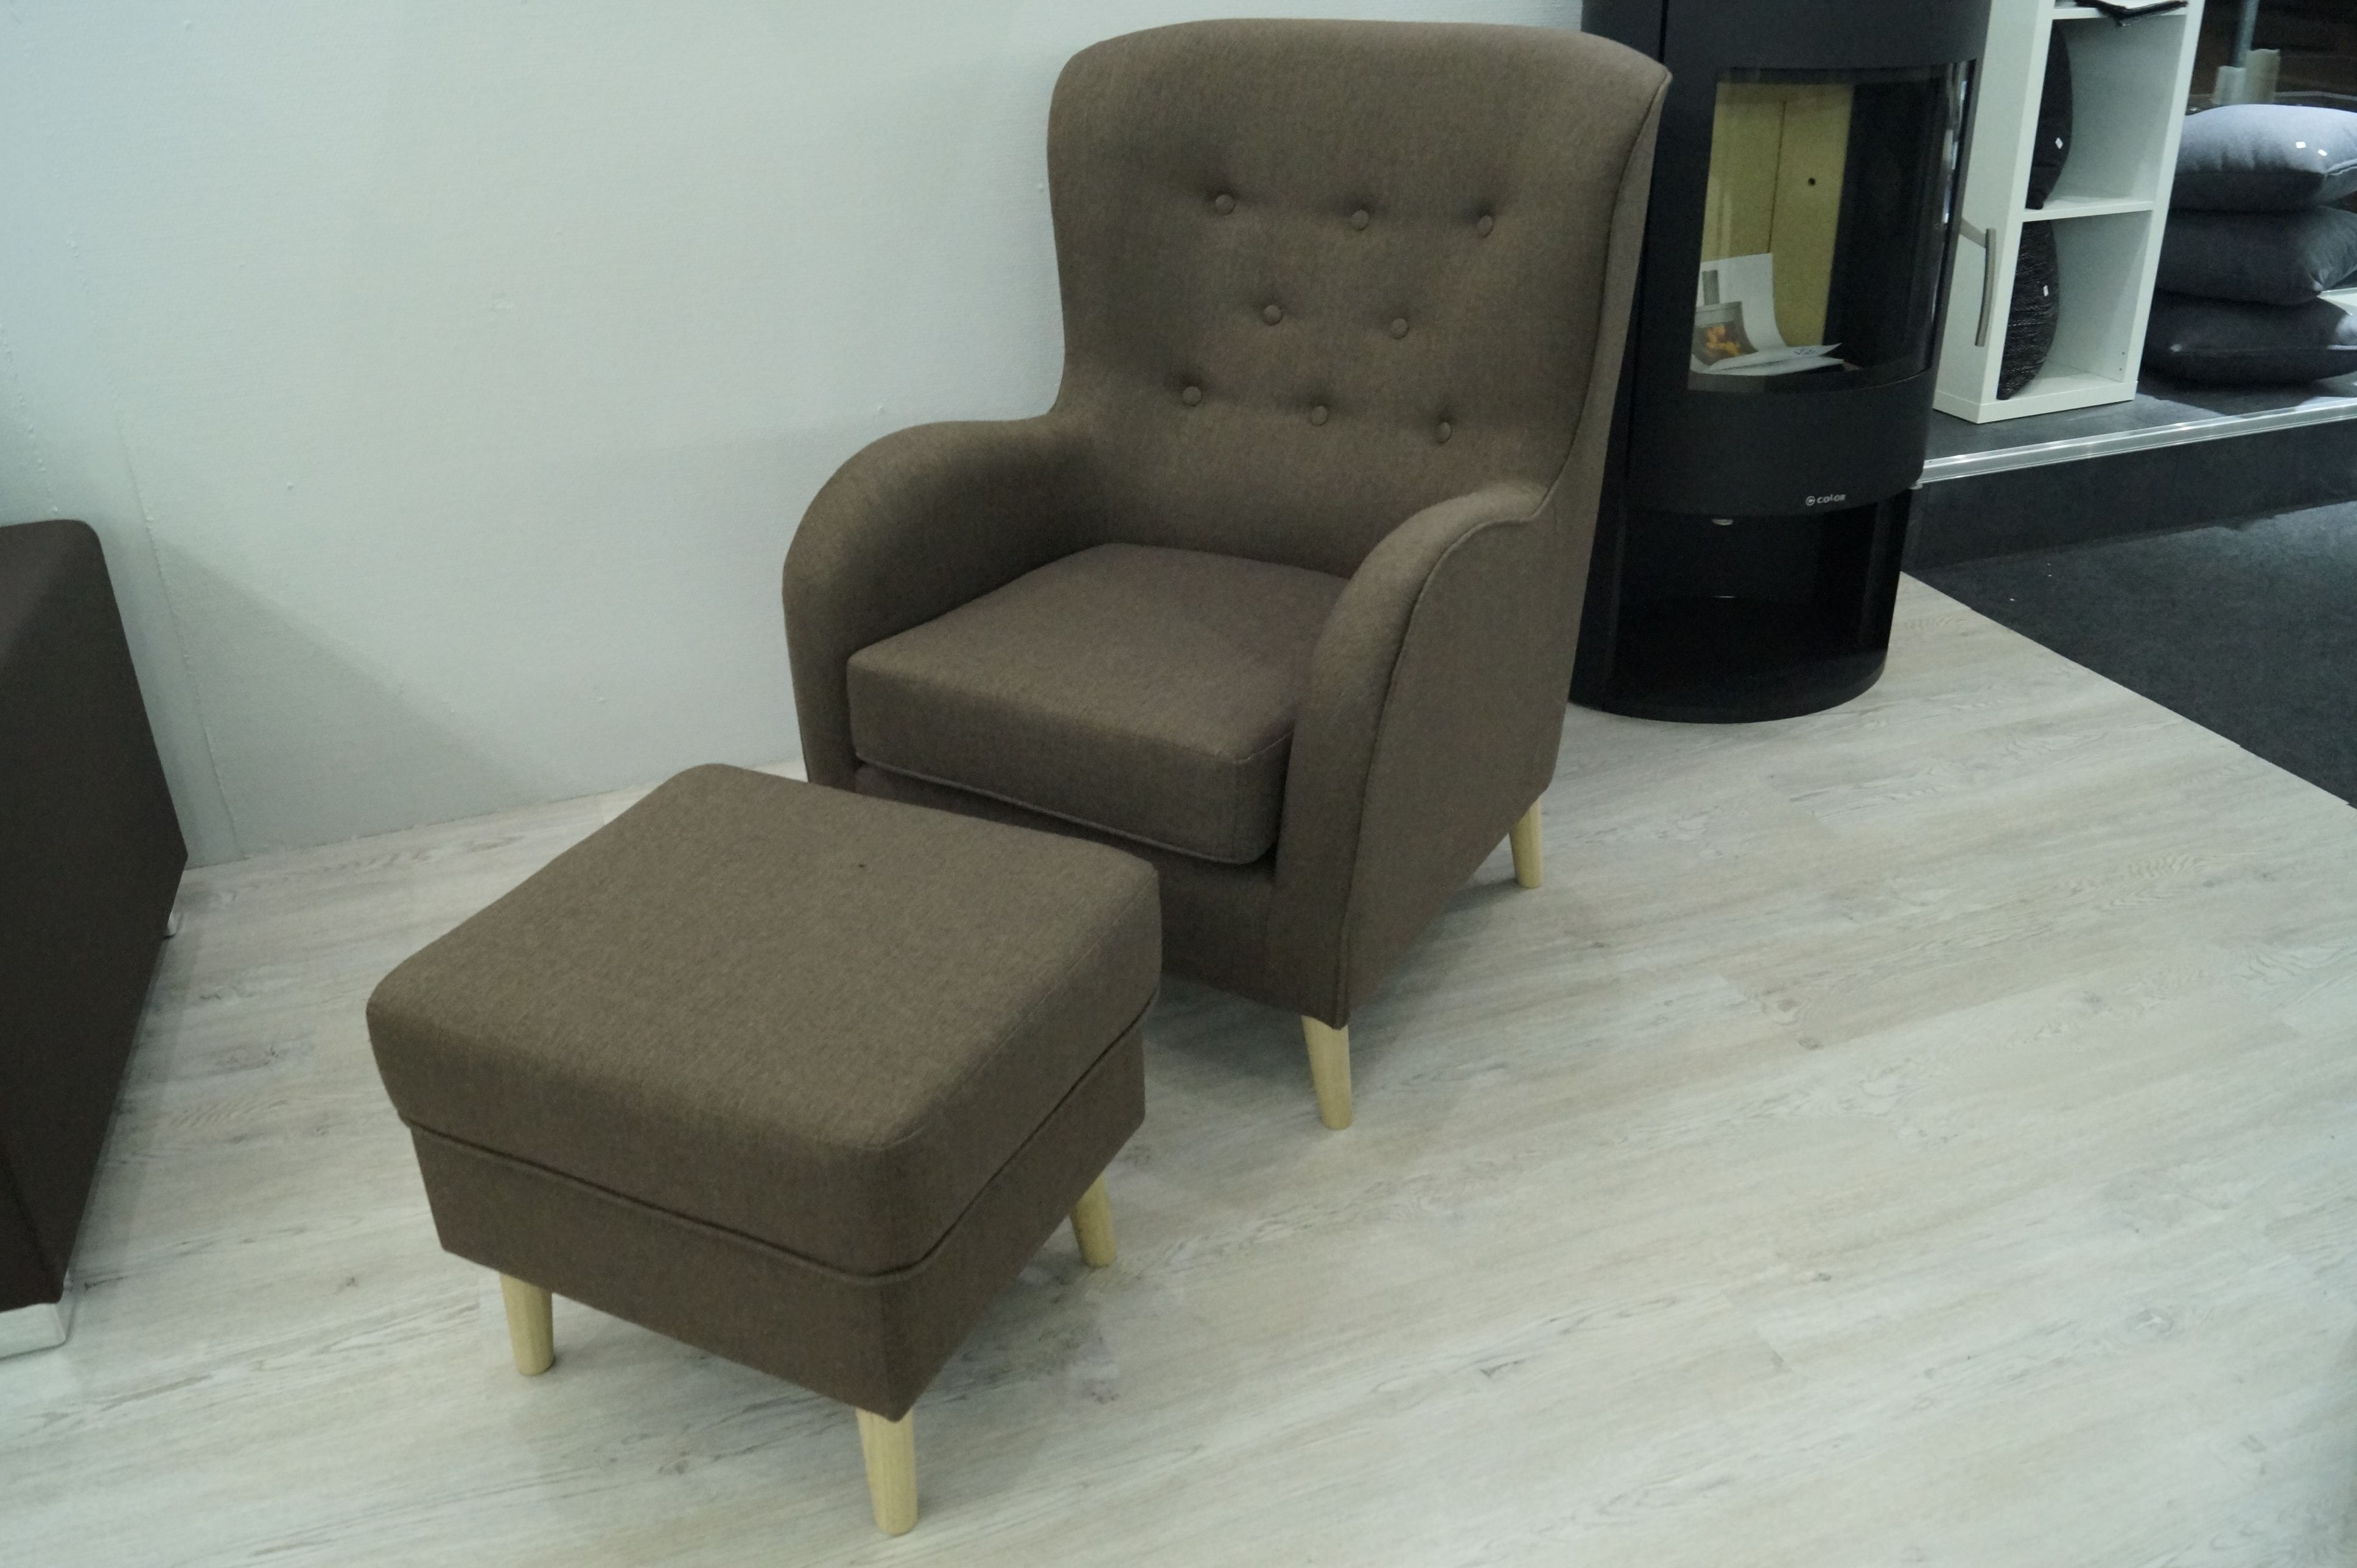 Sofa #Couch #Olpe #Polstermöbel #Elkenroth #westerwald ...